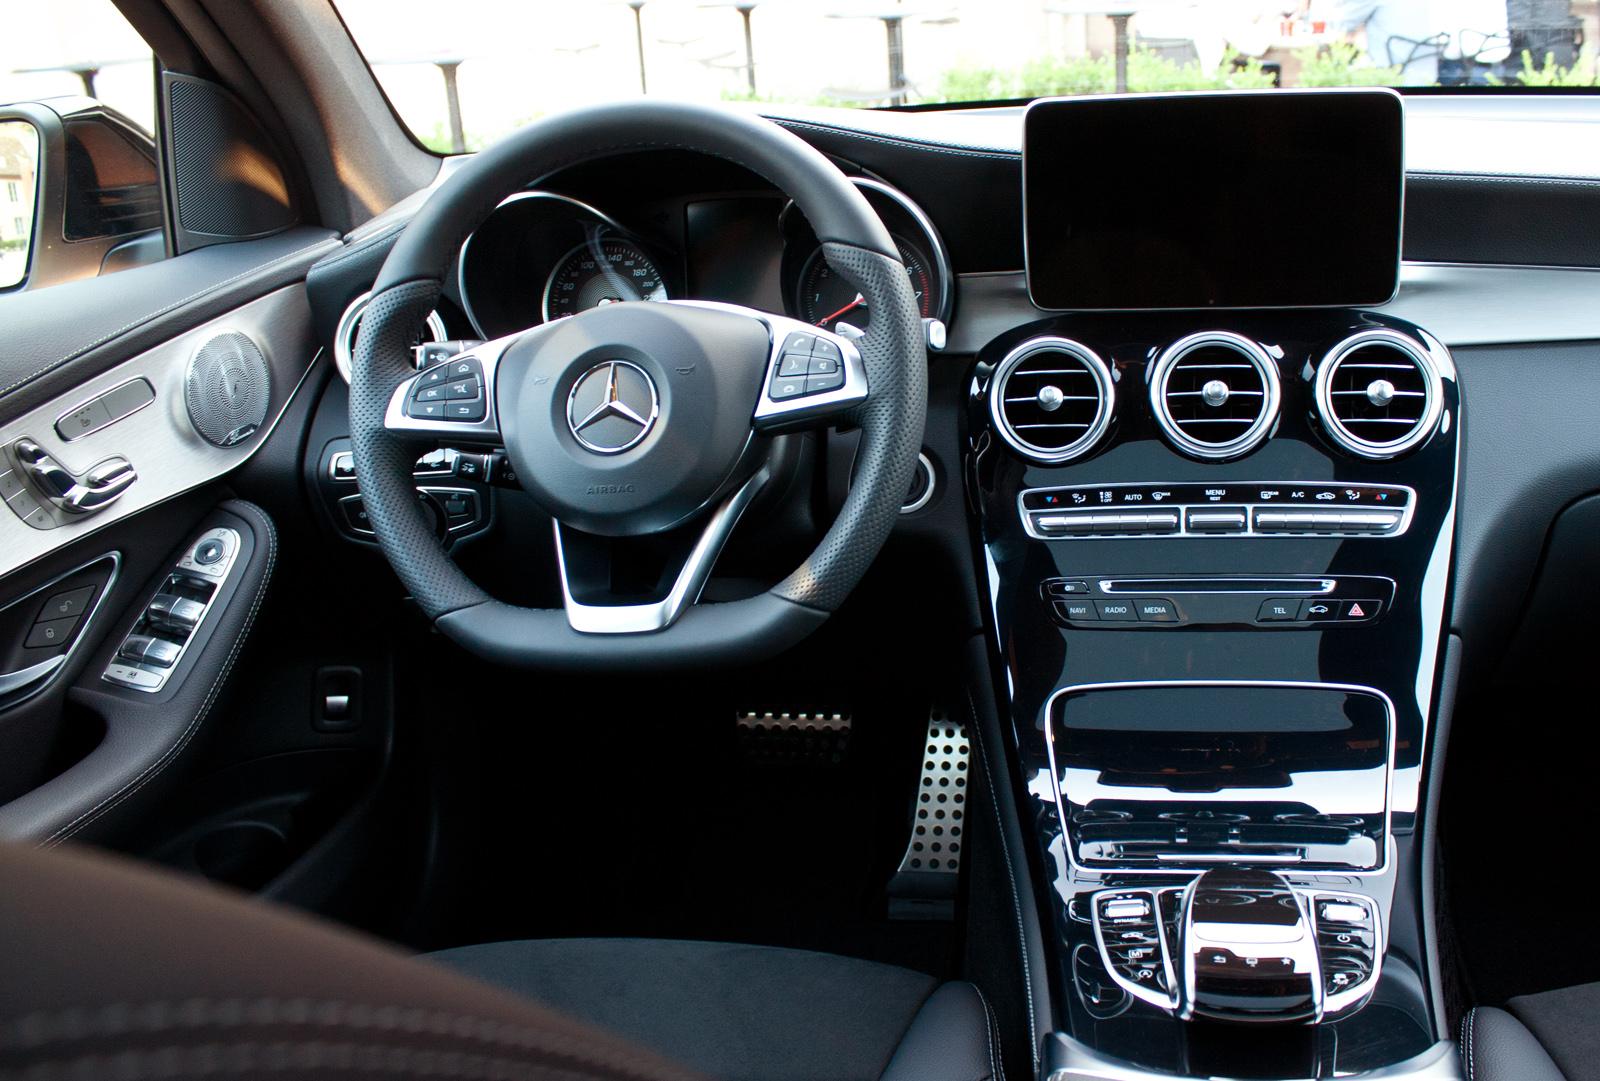 2016 mercedes glc 30 - Mercedes Glc 2016